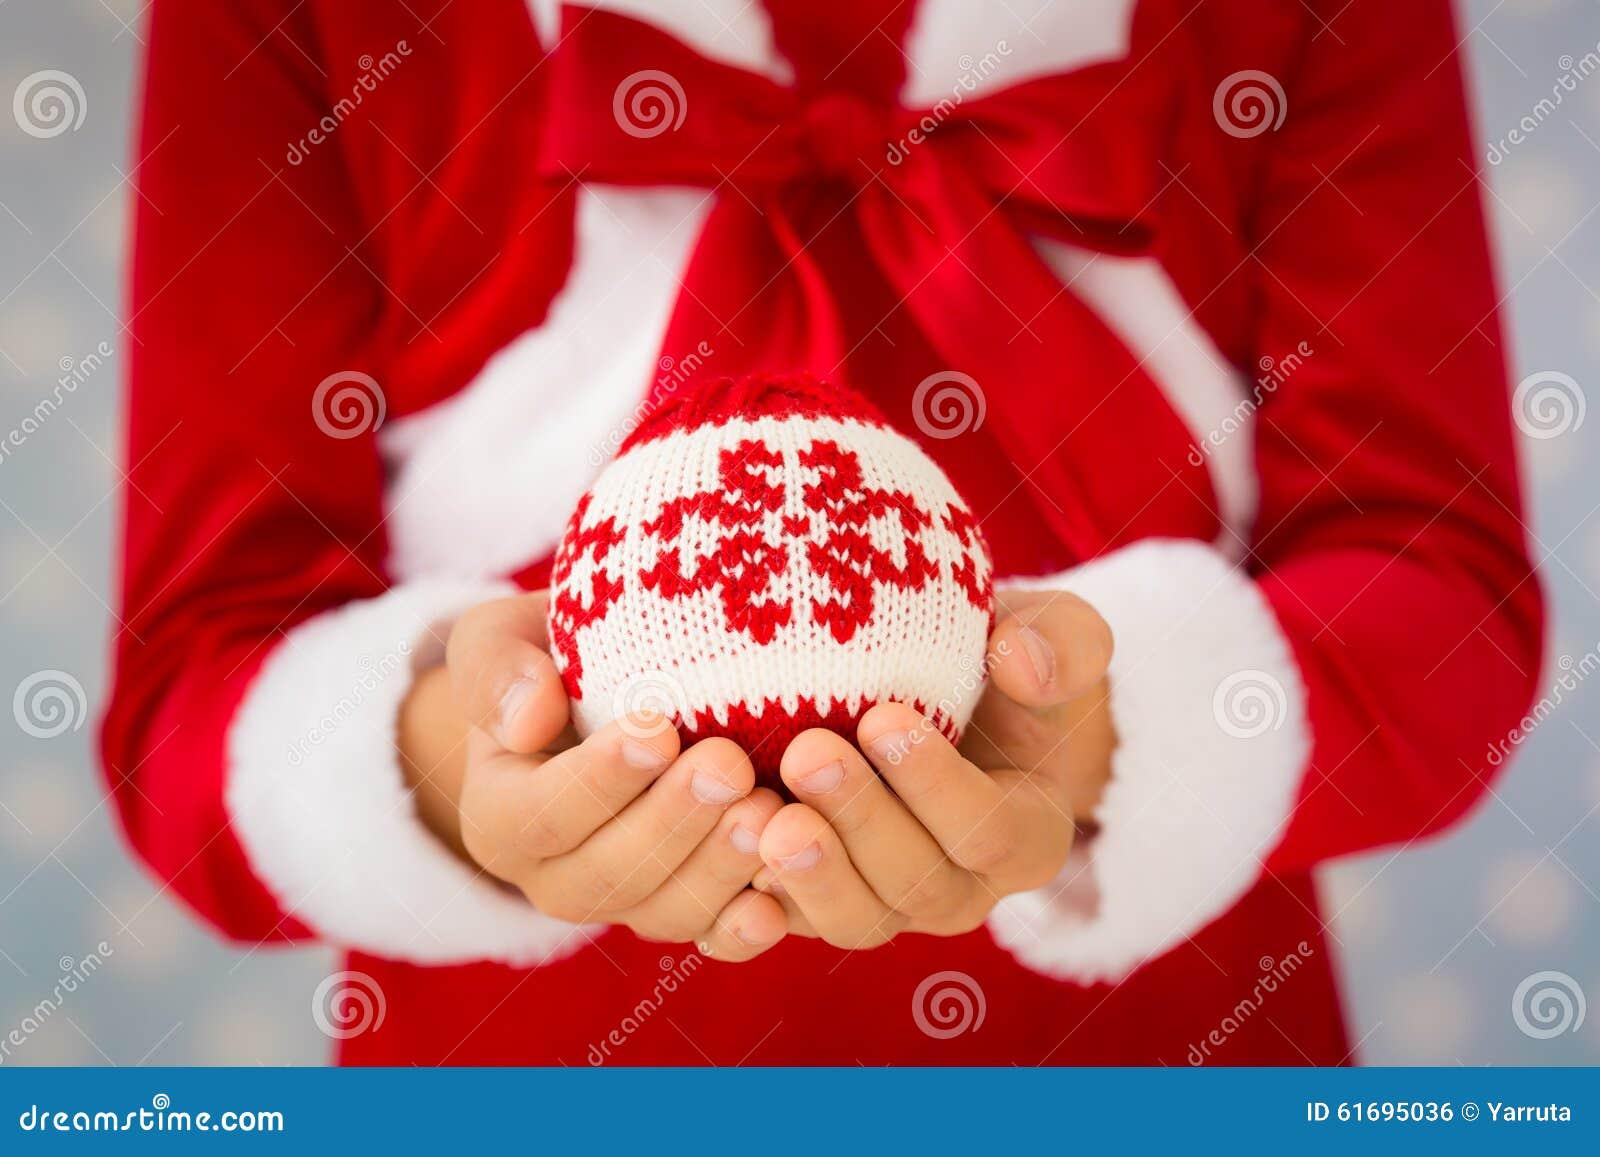 Weihnachtsfeiertagskonzept